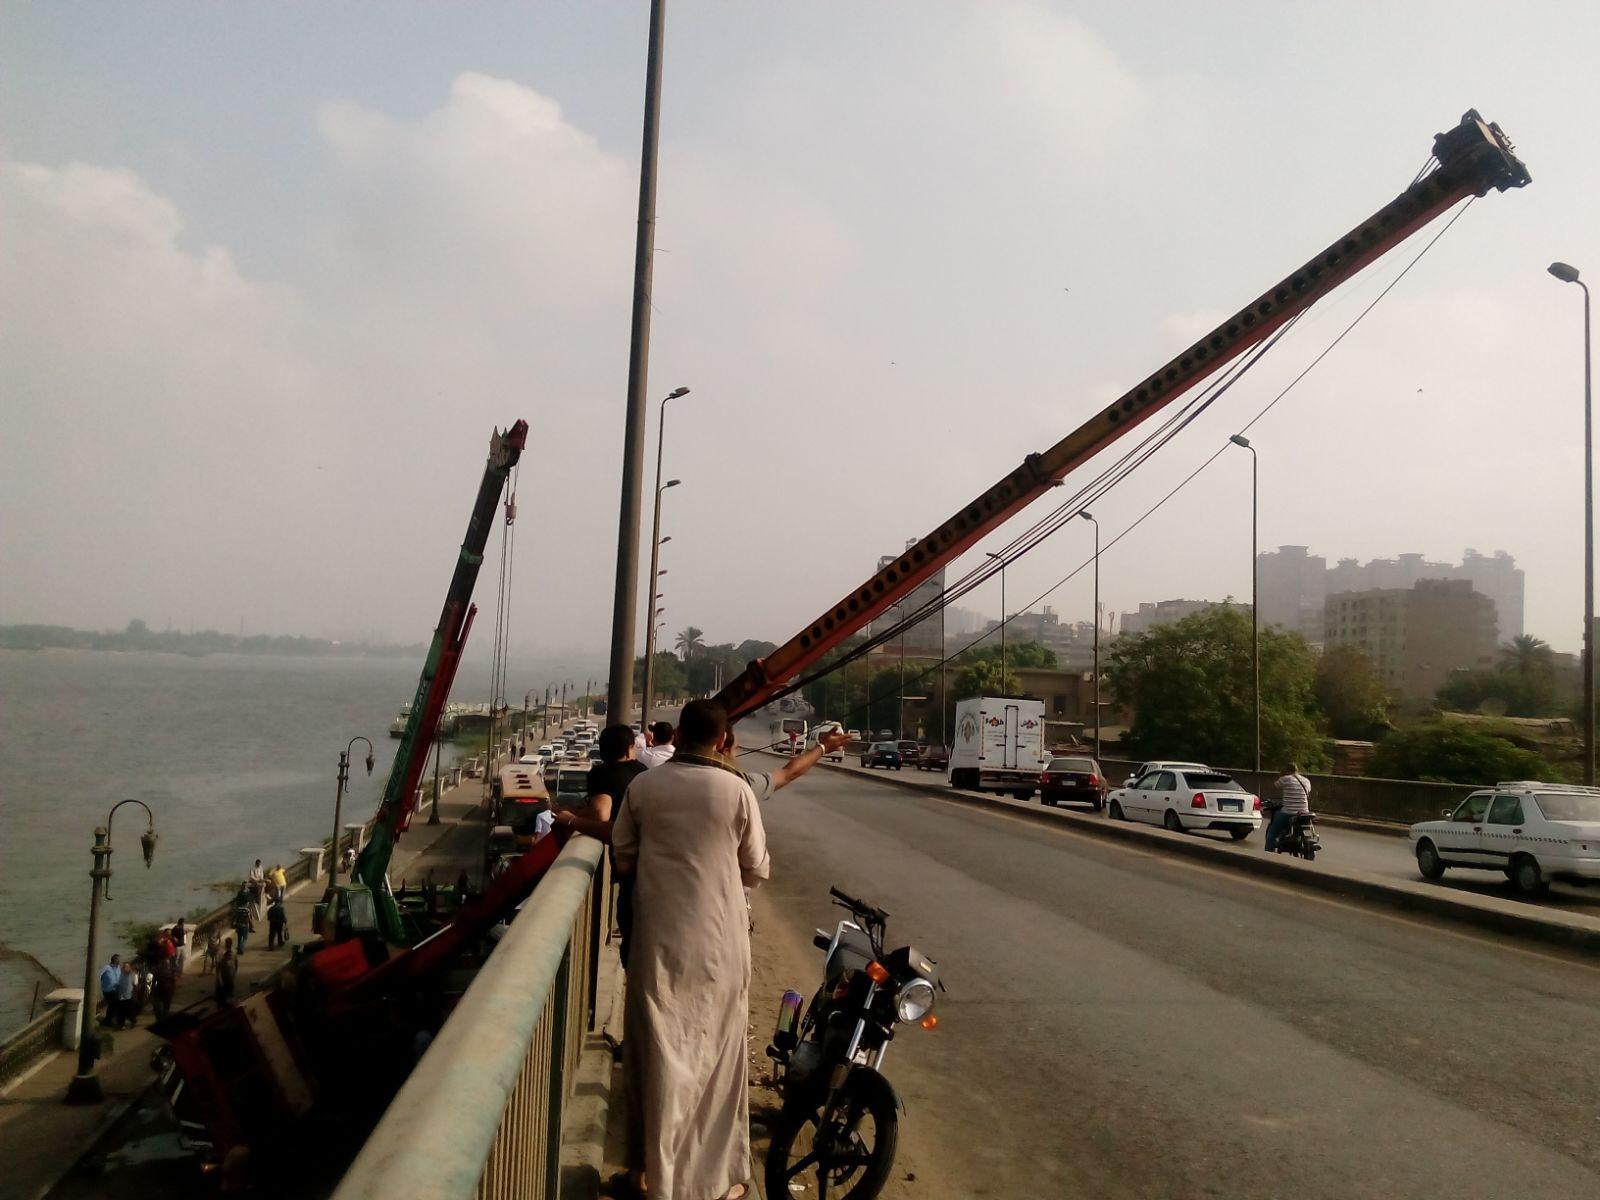 صور.. اصطدام ونش كبير بسيارة أسفل كوبري روض الفرج على كورنيش النيل